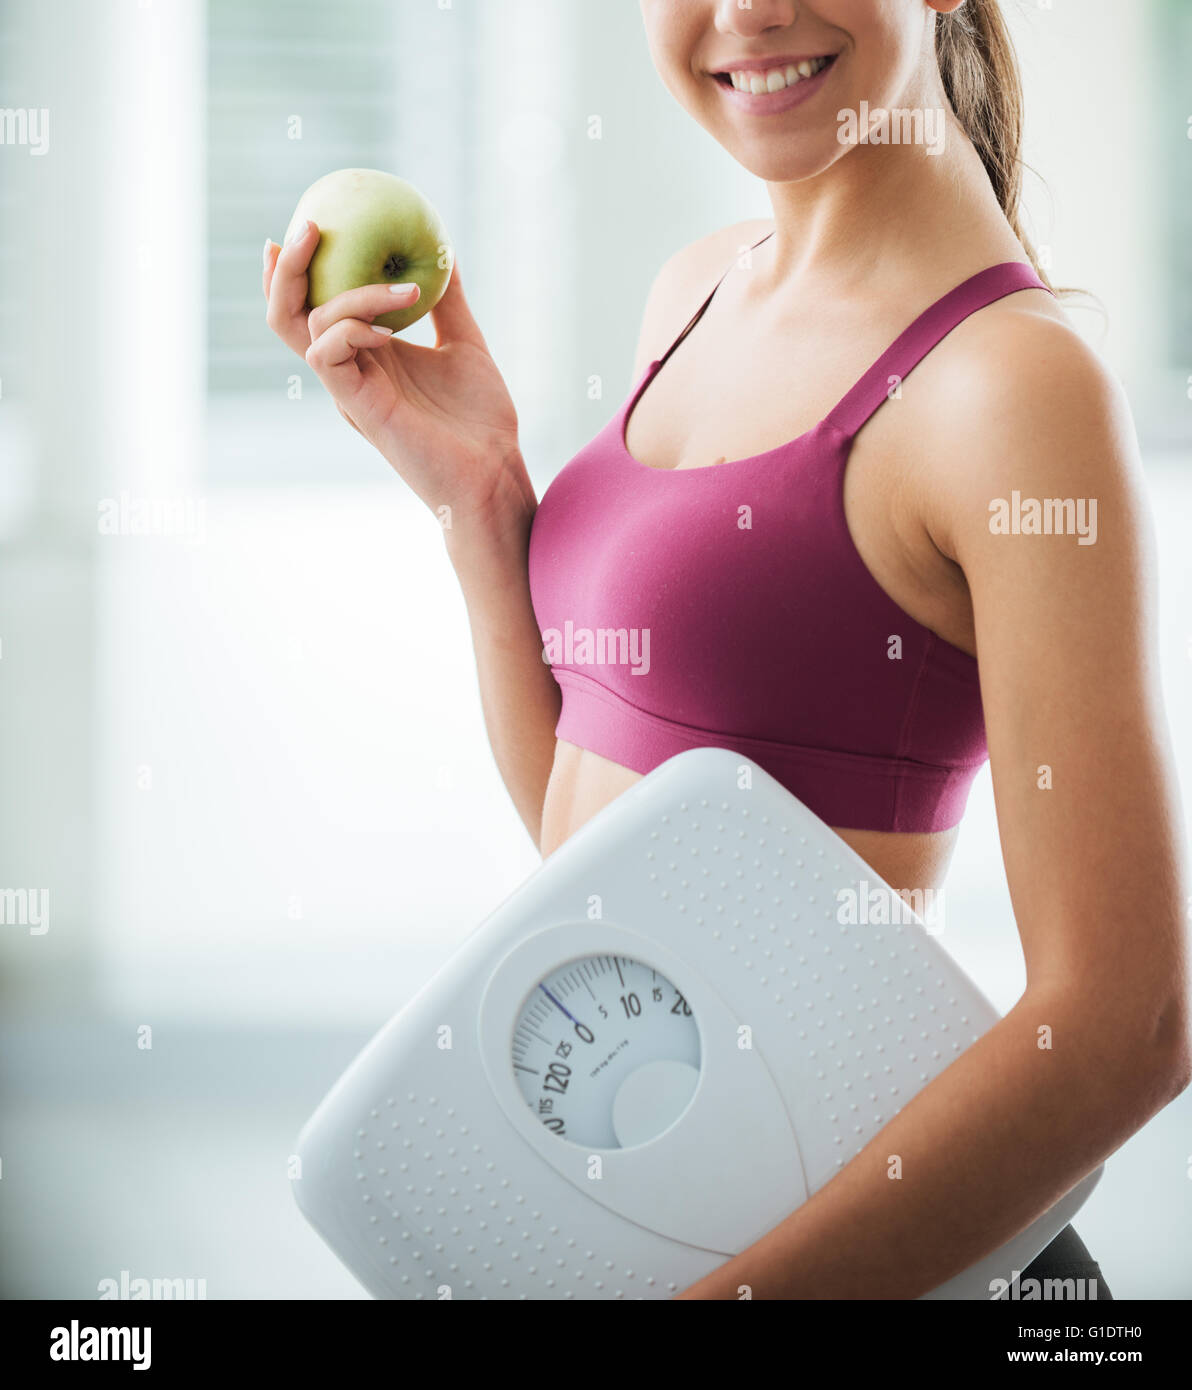 Lächelnde Teenager-Mädchen mit einer Skala und einen frischen Apfel, gesunde Ernährung, Fitness und Stockbild